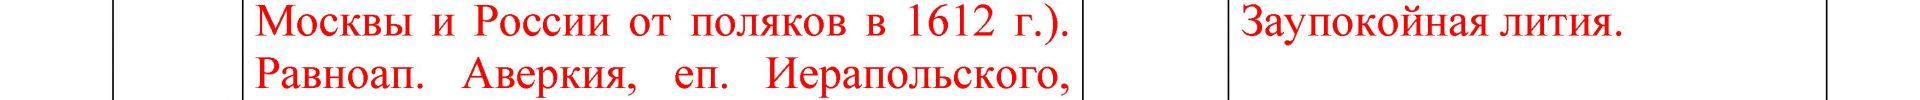 Расписание богослужений Преображенского храма деревни Спас-Каменка на ноябрь 2018 года